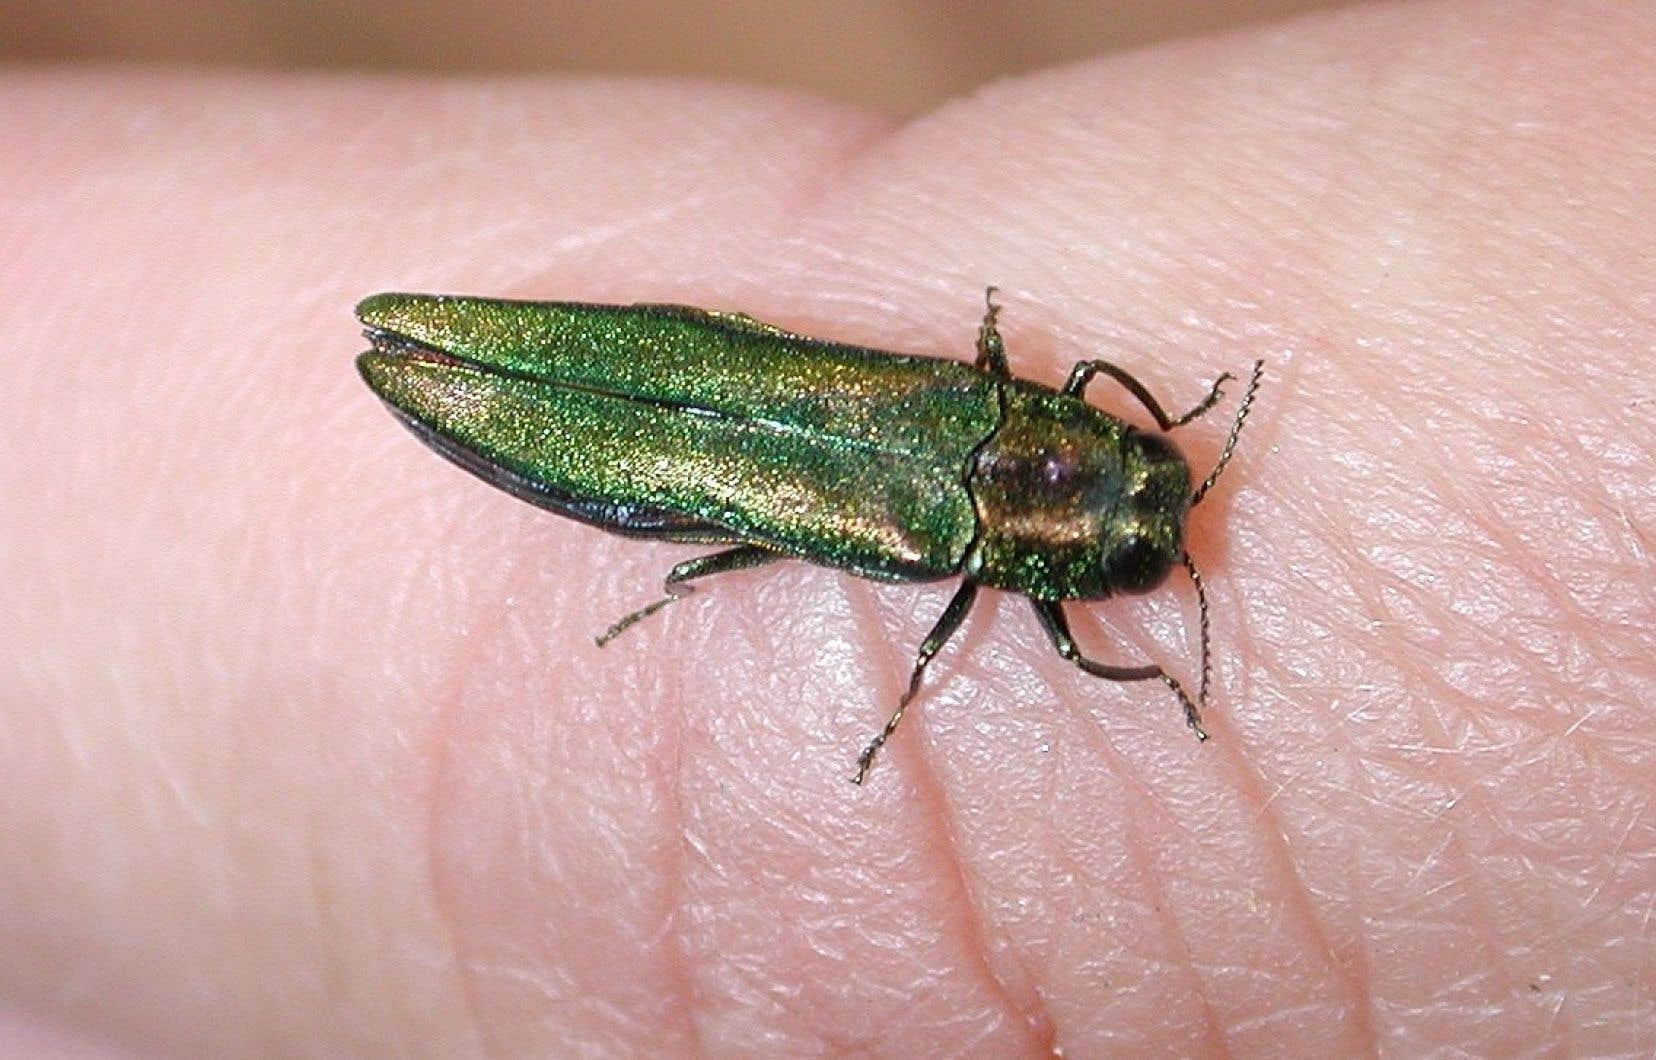 L'agrile du frêne est un insecte coléoptère envahissant qui a causé la mort de millions d'arbres en Amérique du Nord depuis 2002.